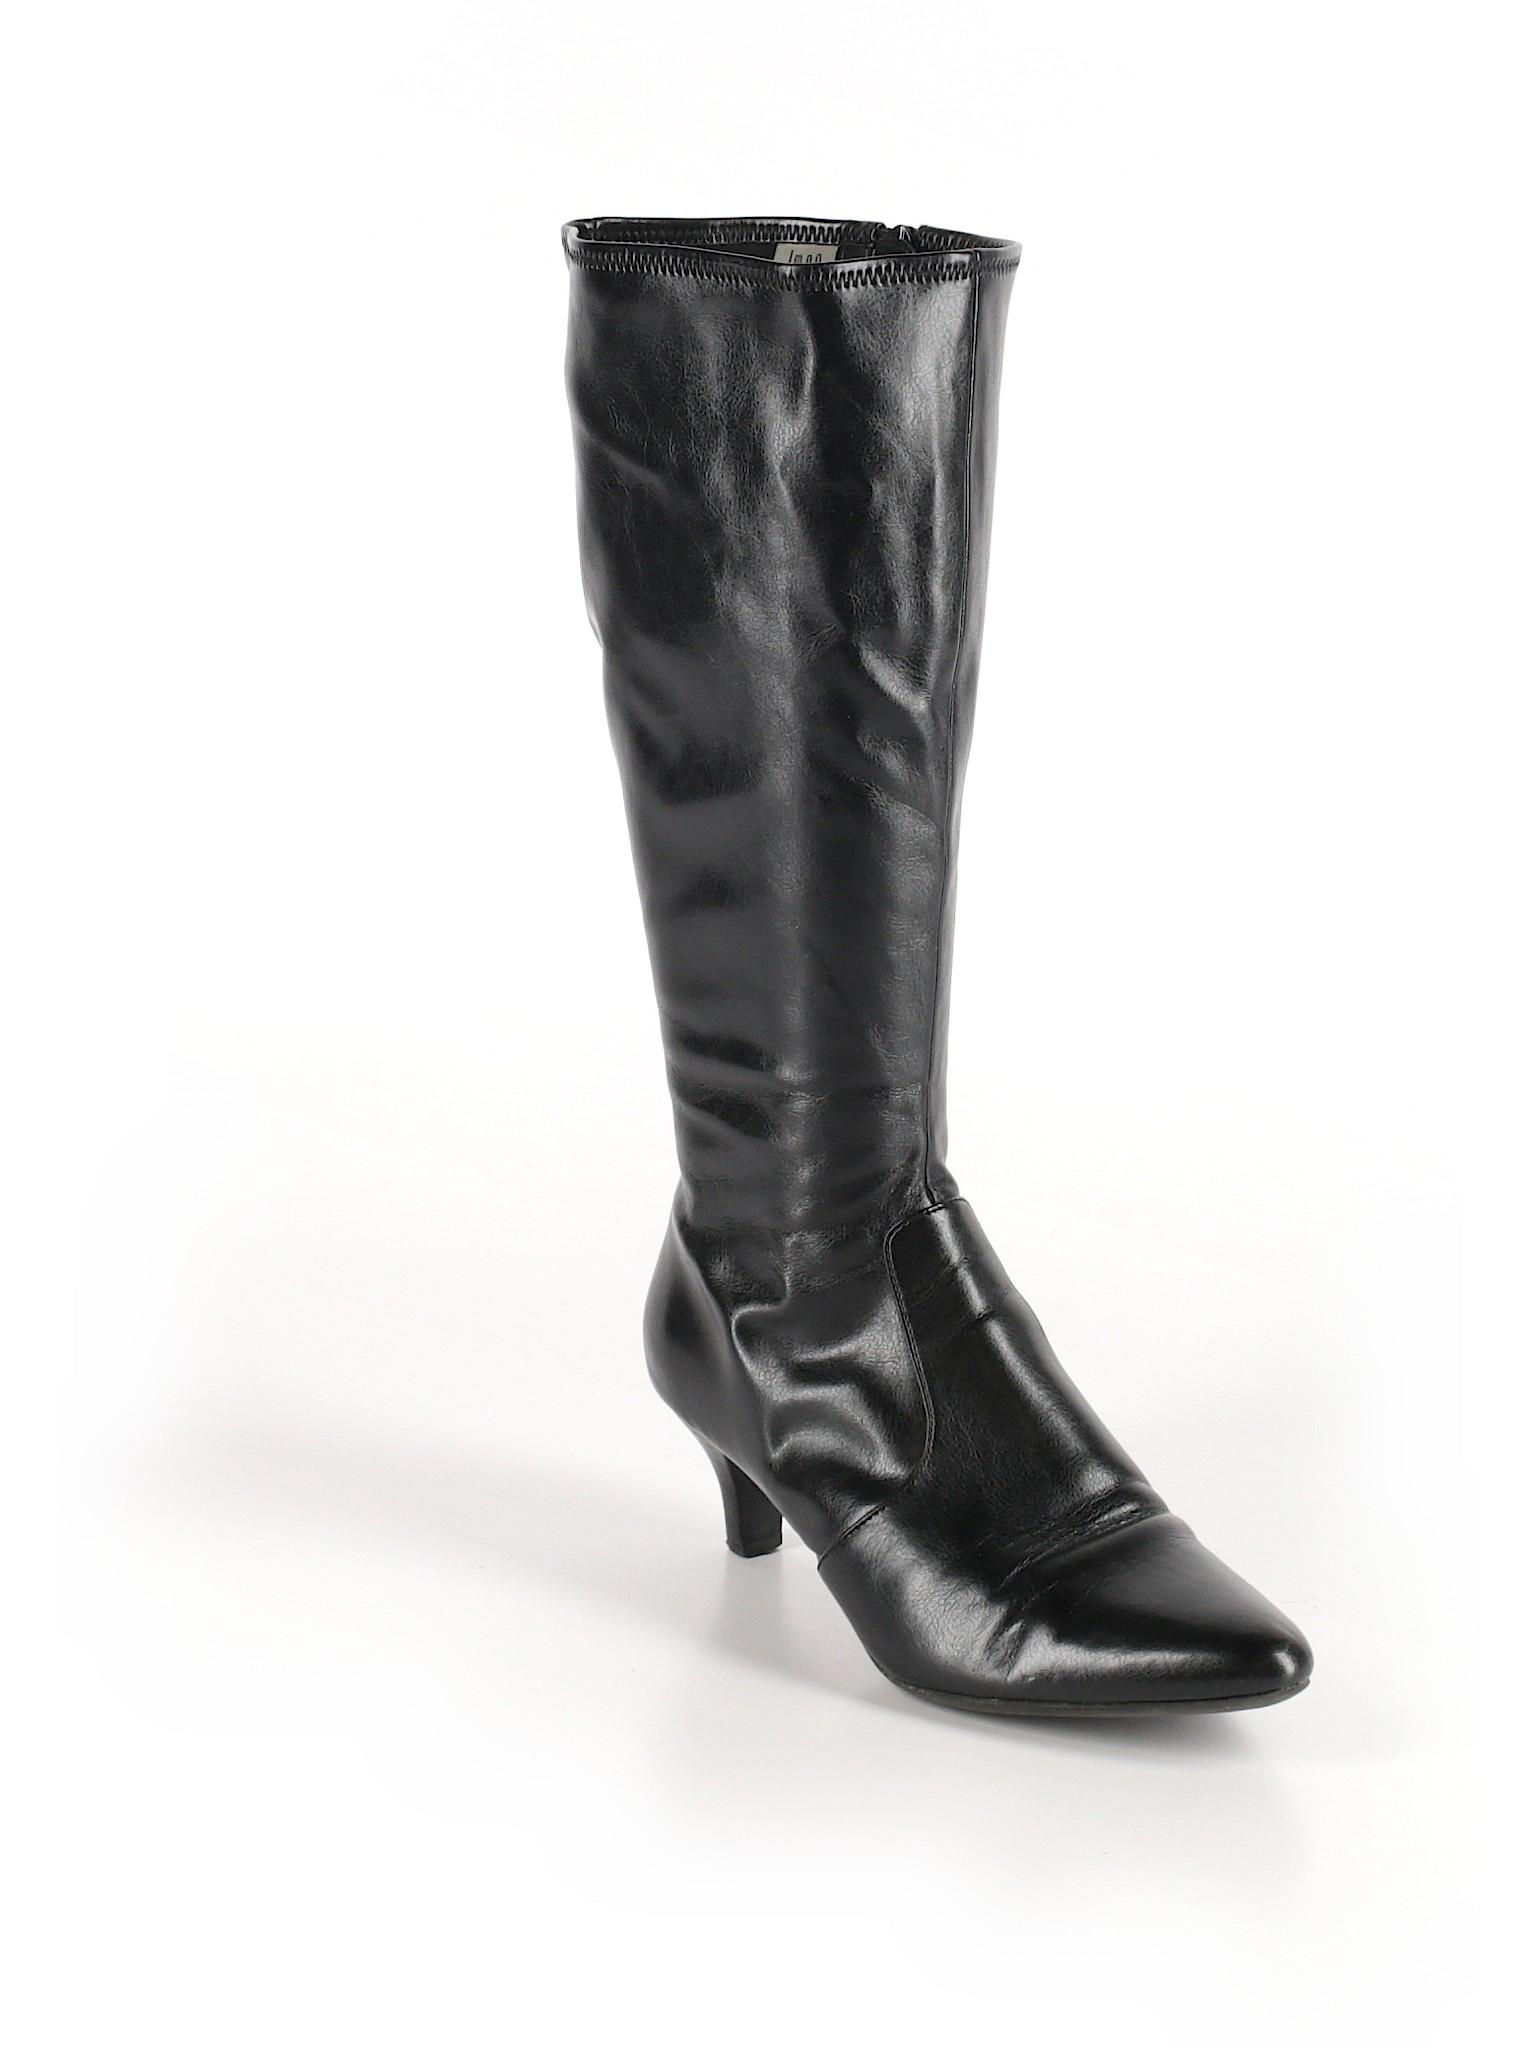 Boutique promotion promotion Boots Impo Boutique PqwOdEBw